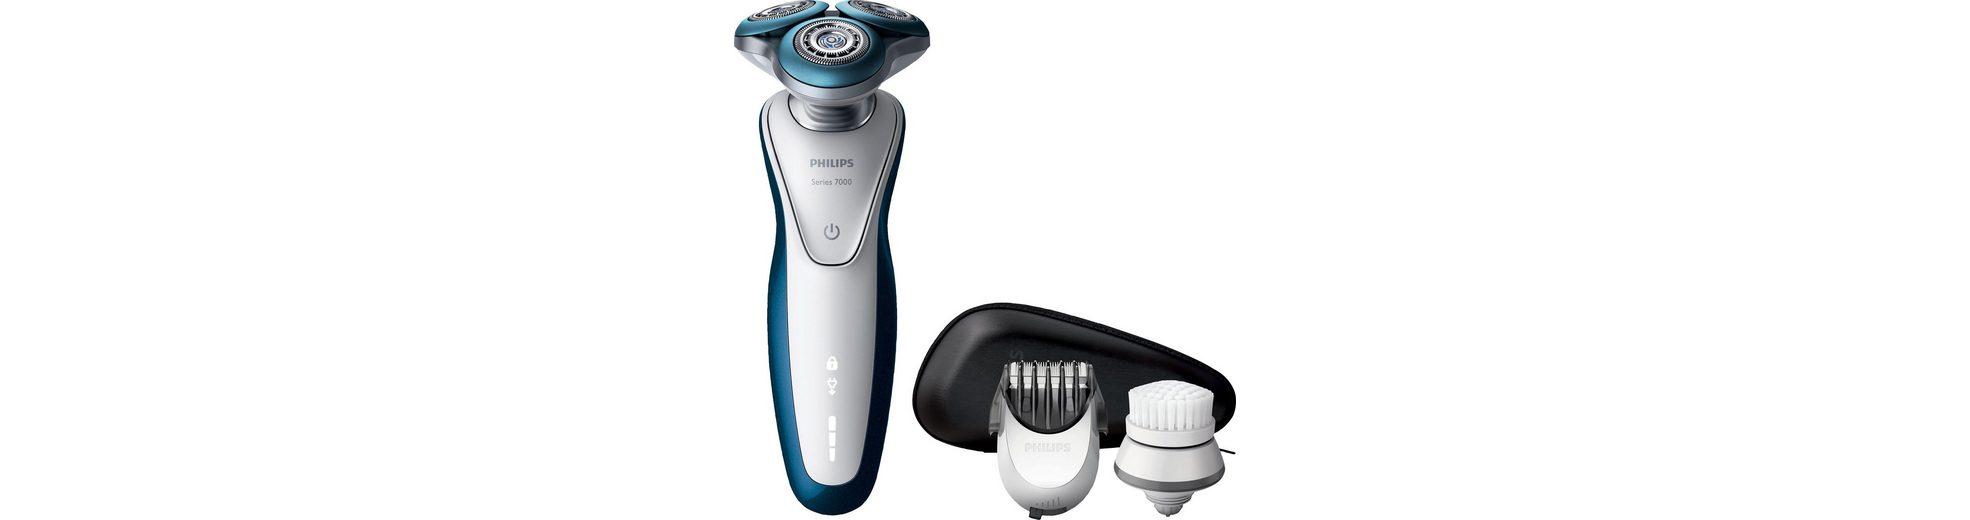 Philips Rasierer Series 7000 S7520/50, mit Reinigungsbürste und Bartstyler